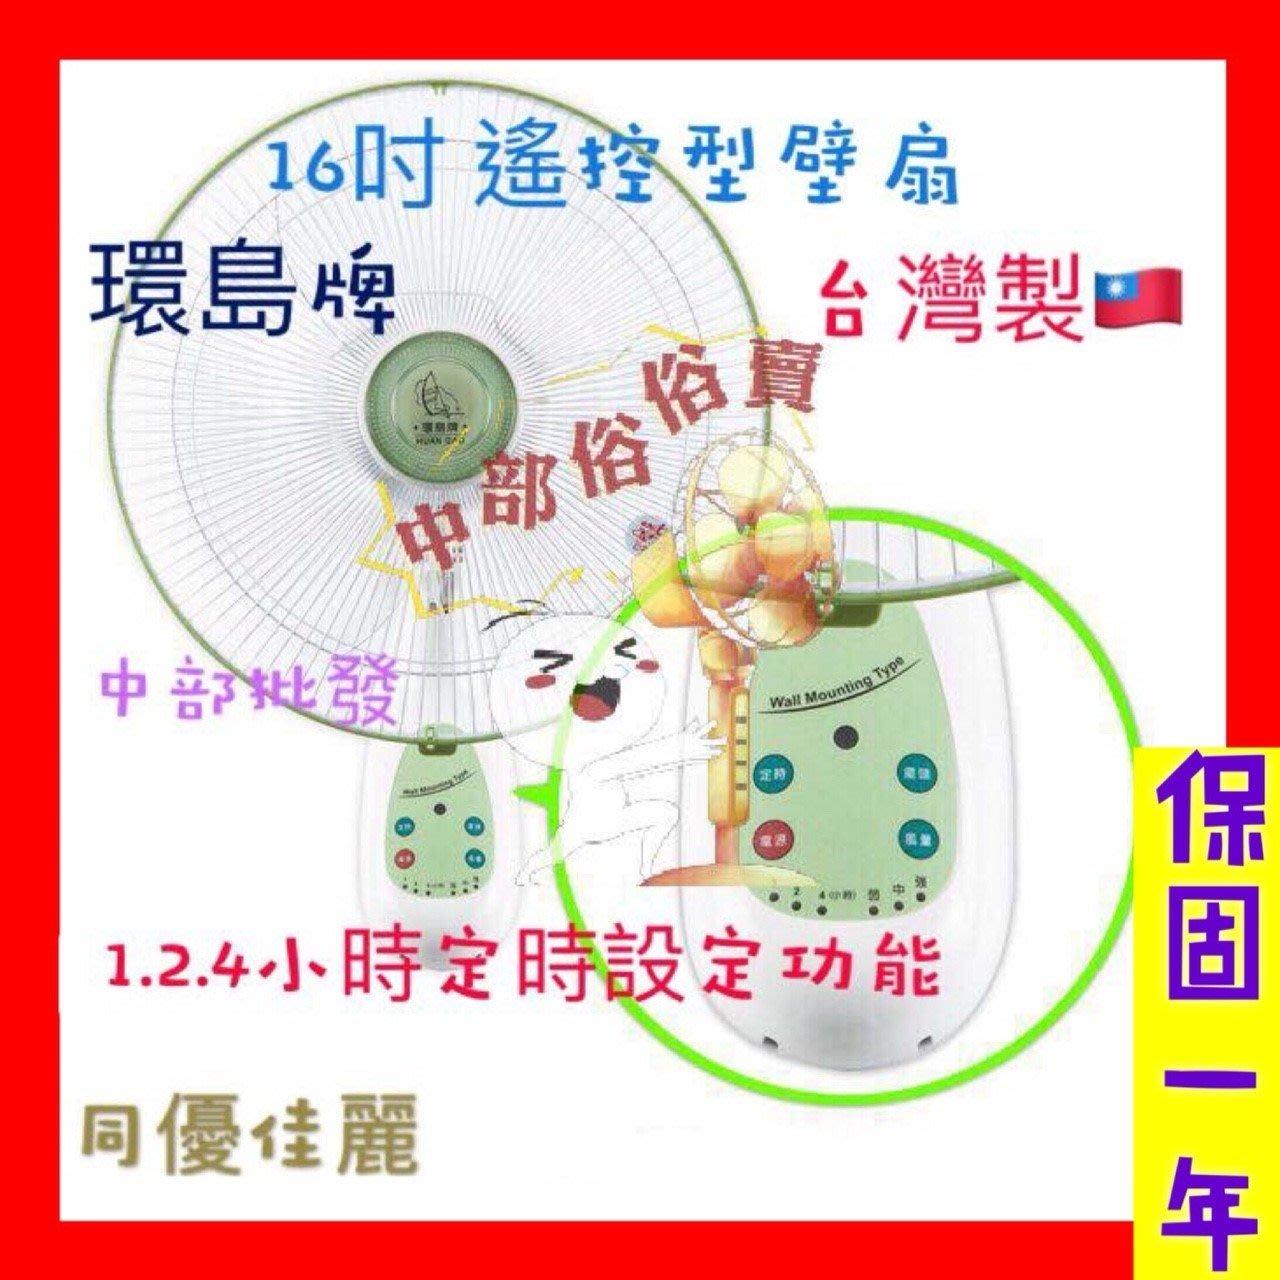 『中部批發』環島牌 遙控型 16吋 遙控式壁扇 吊扇 電扇 家用壁扇 電風扇 掛壁扇 壁式通風扇 擺頭壁扇 (台灣製造)